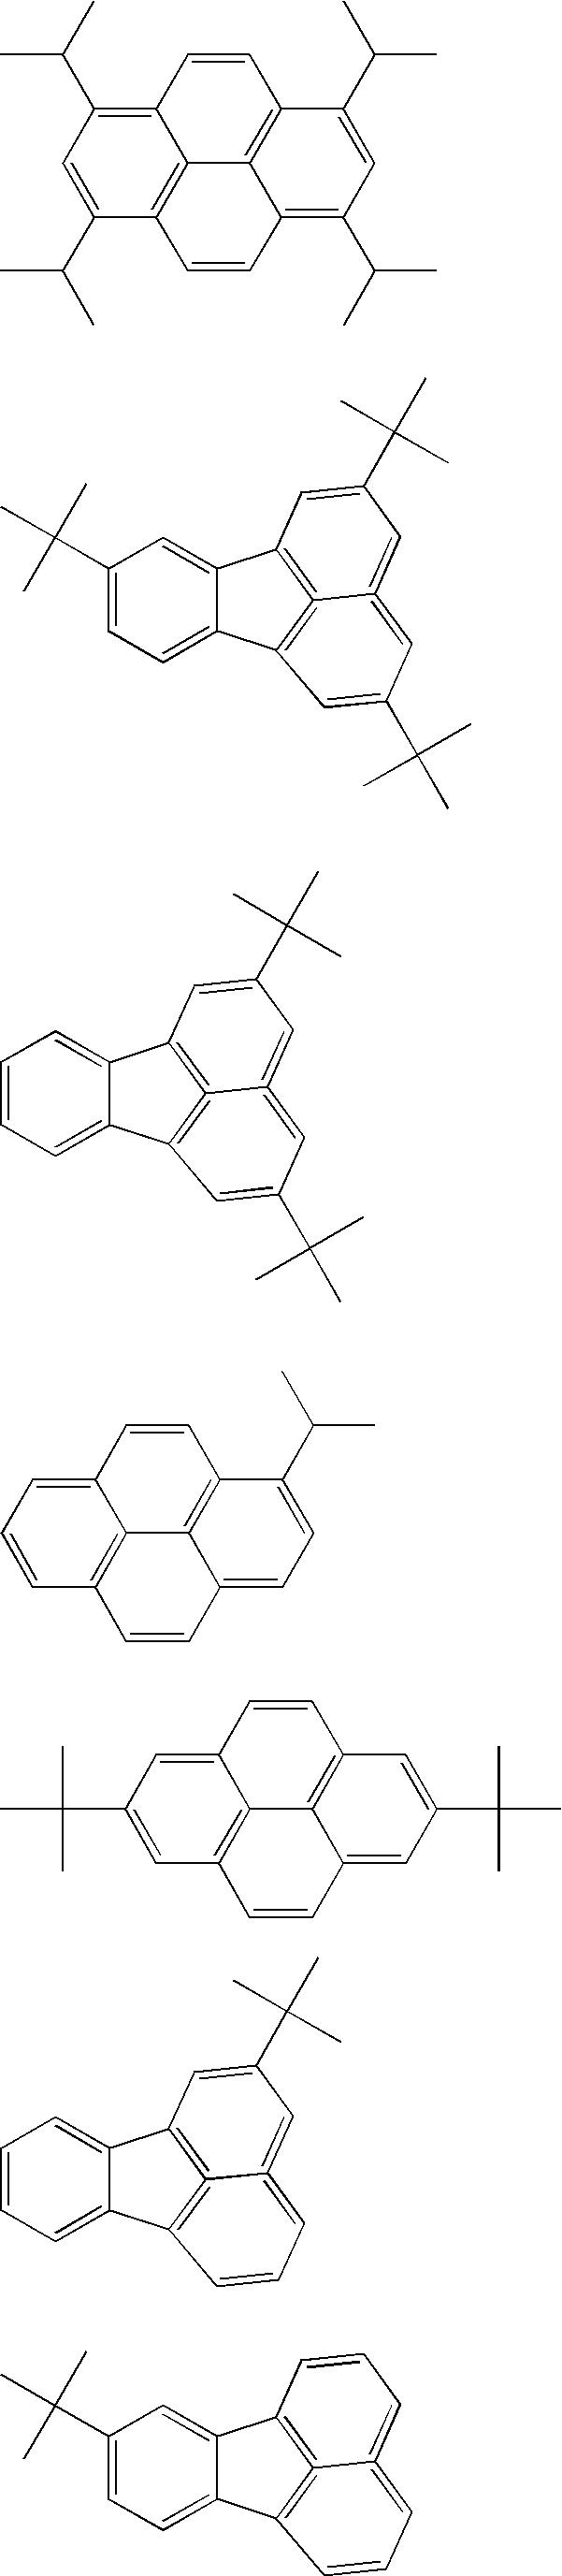 Figure US07528542-20090505-C00022